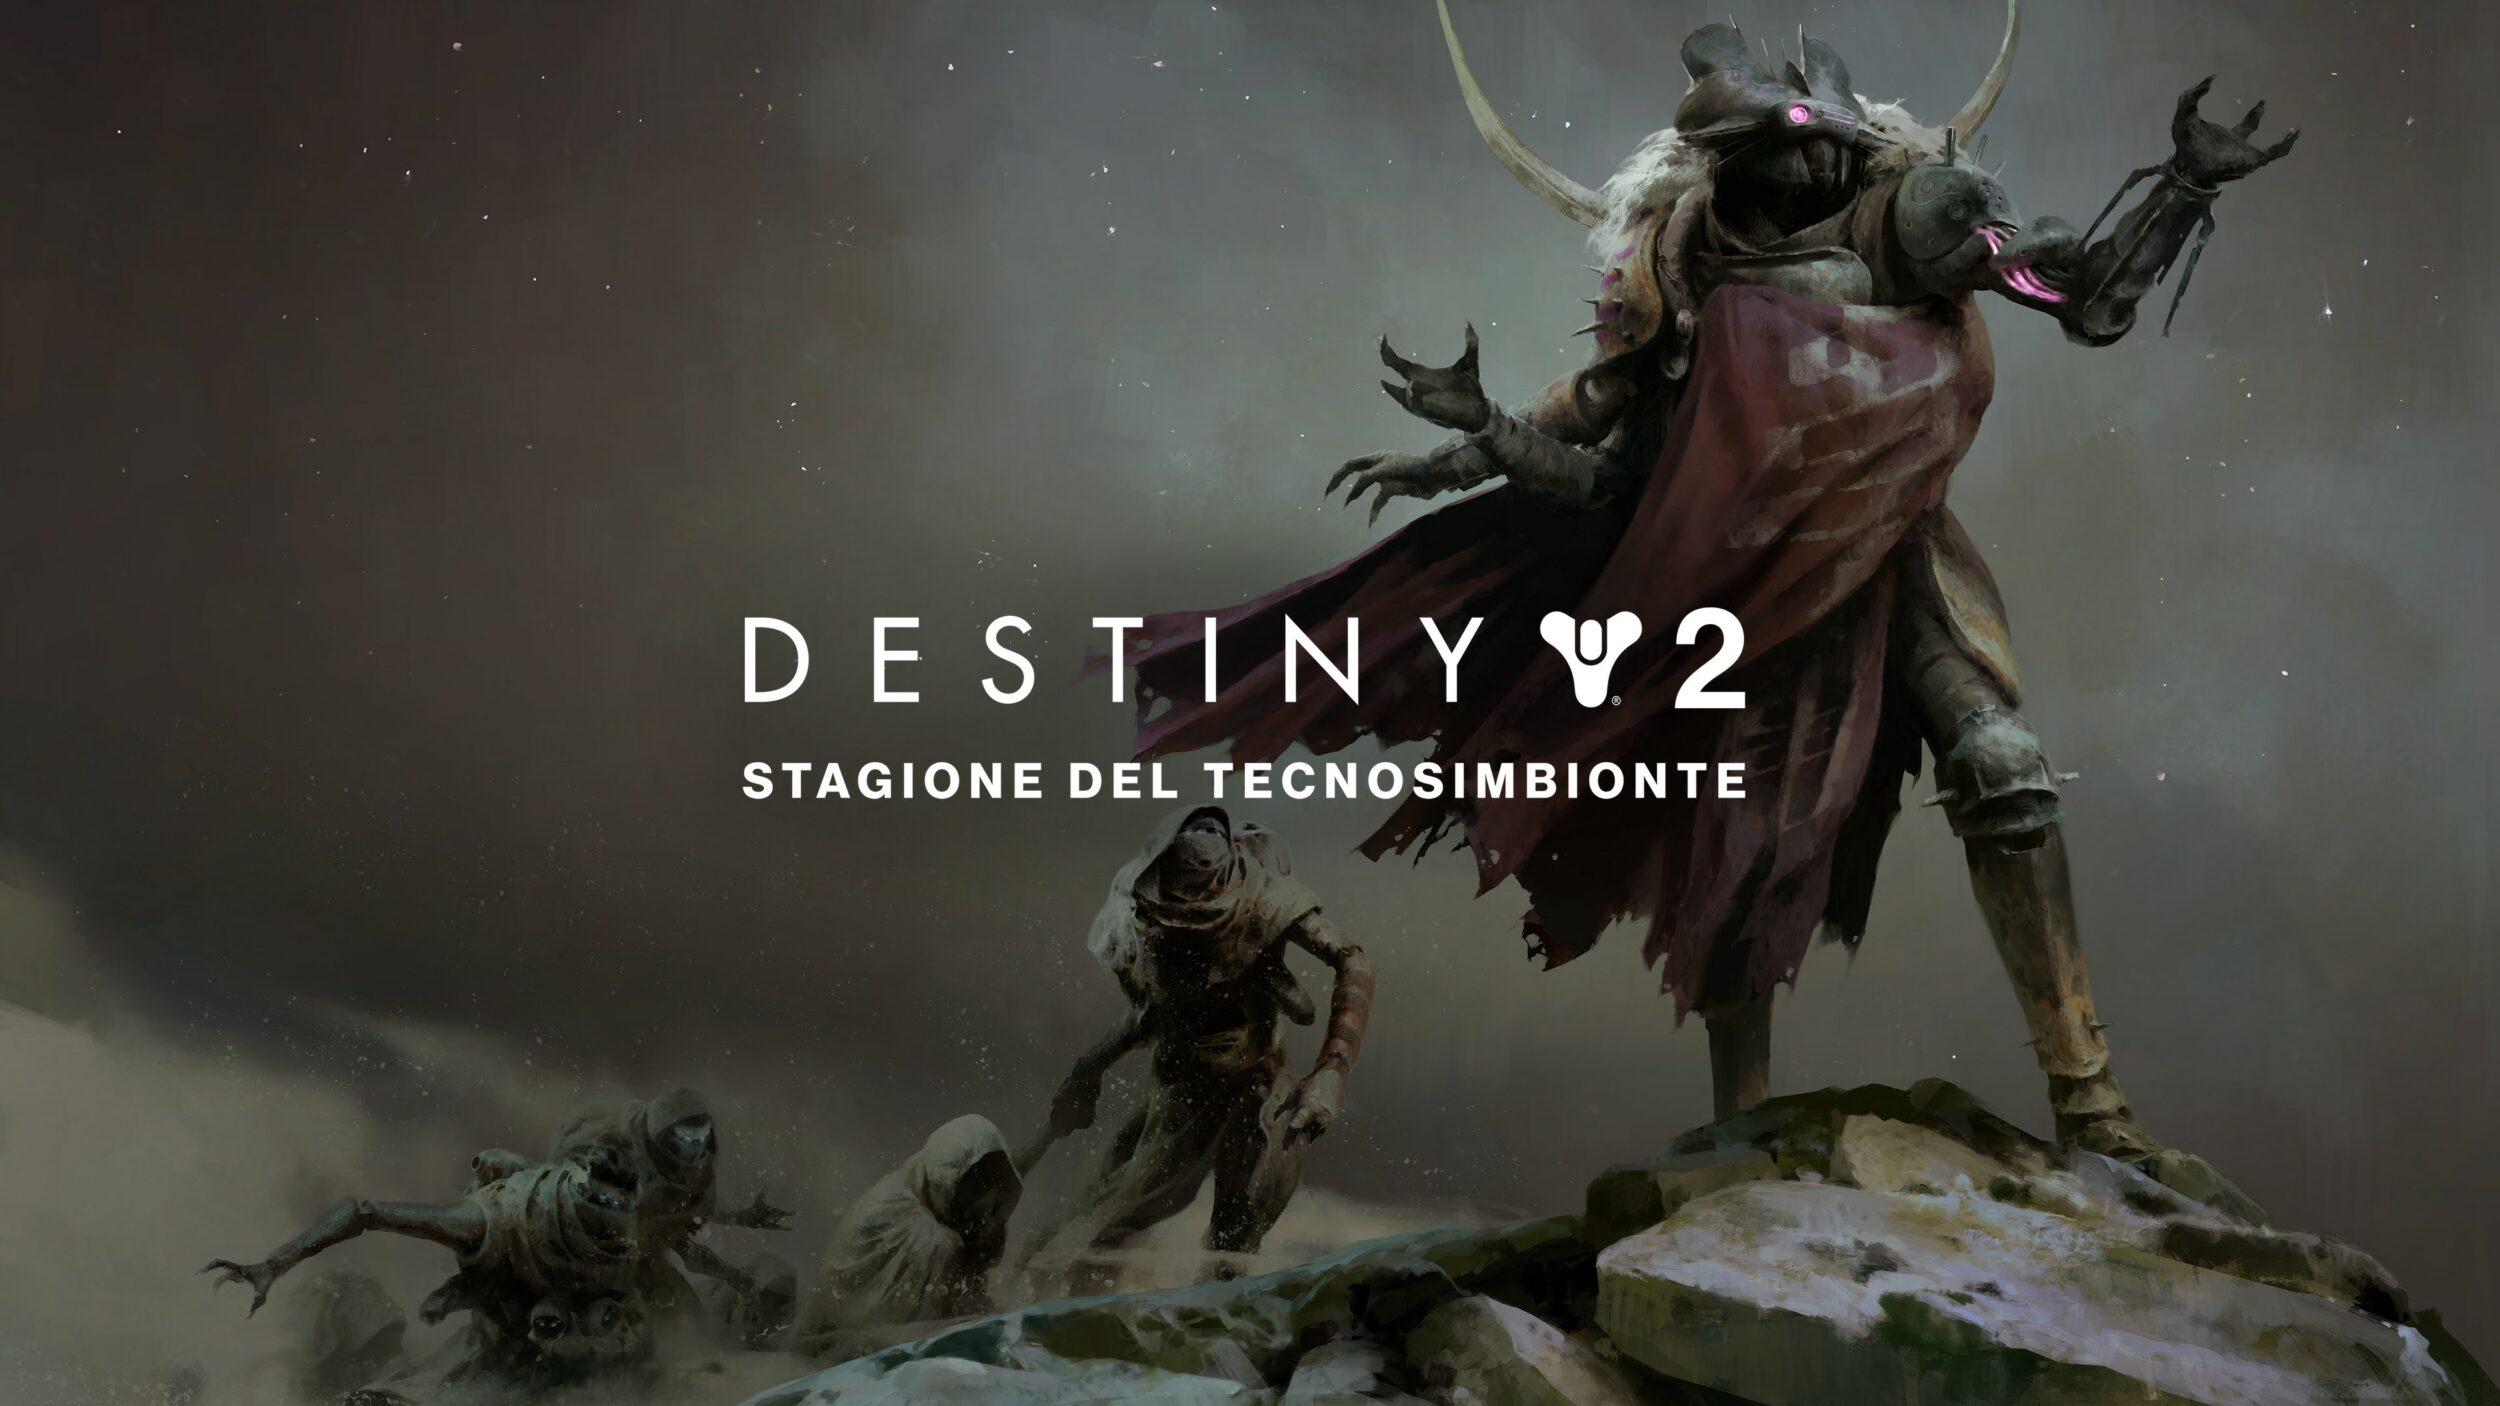 Destiny 2: la Stagione del Tecnosimbionte inizierà l'11 maggio (video) (aggiornato: disponibile)